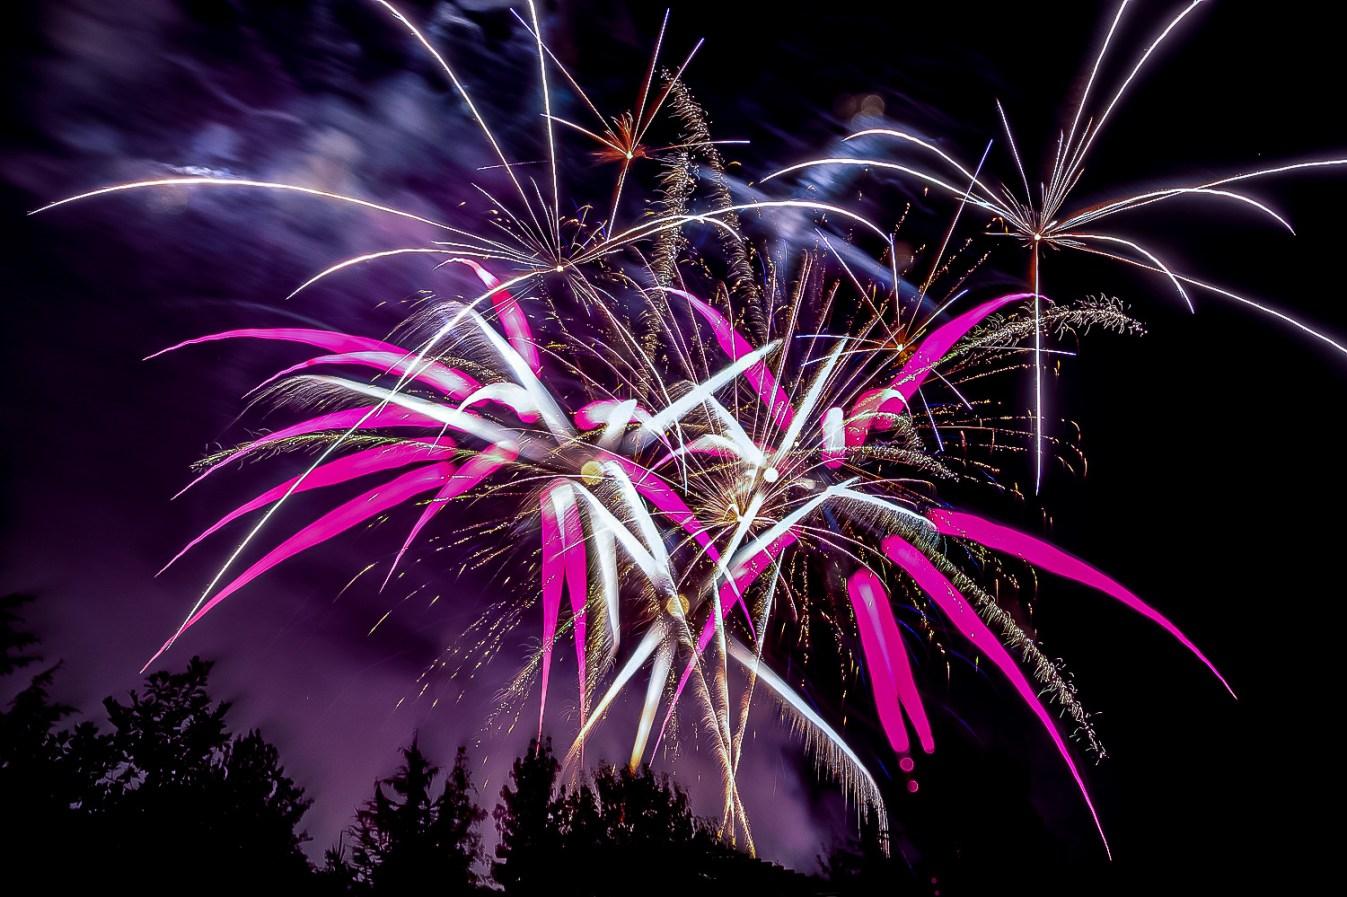 2  - 如何编辑Fireworks照片